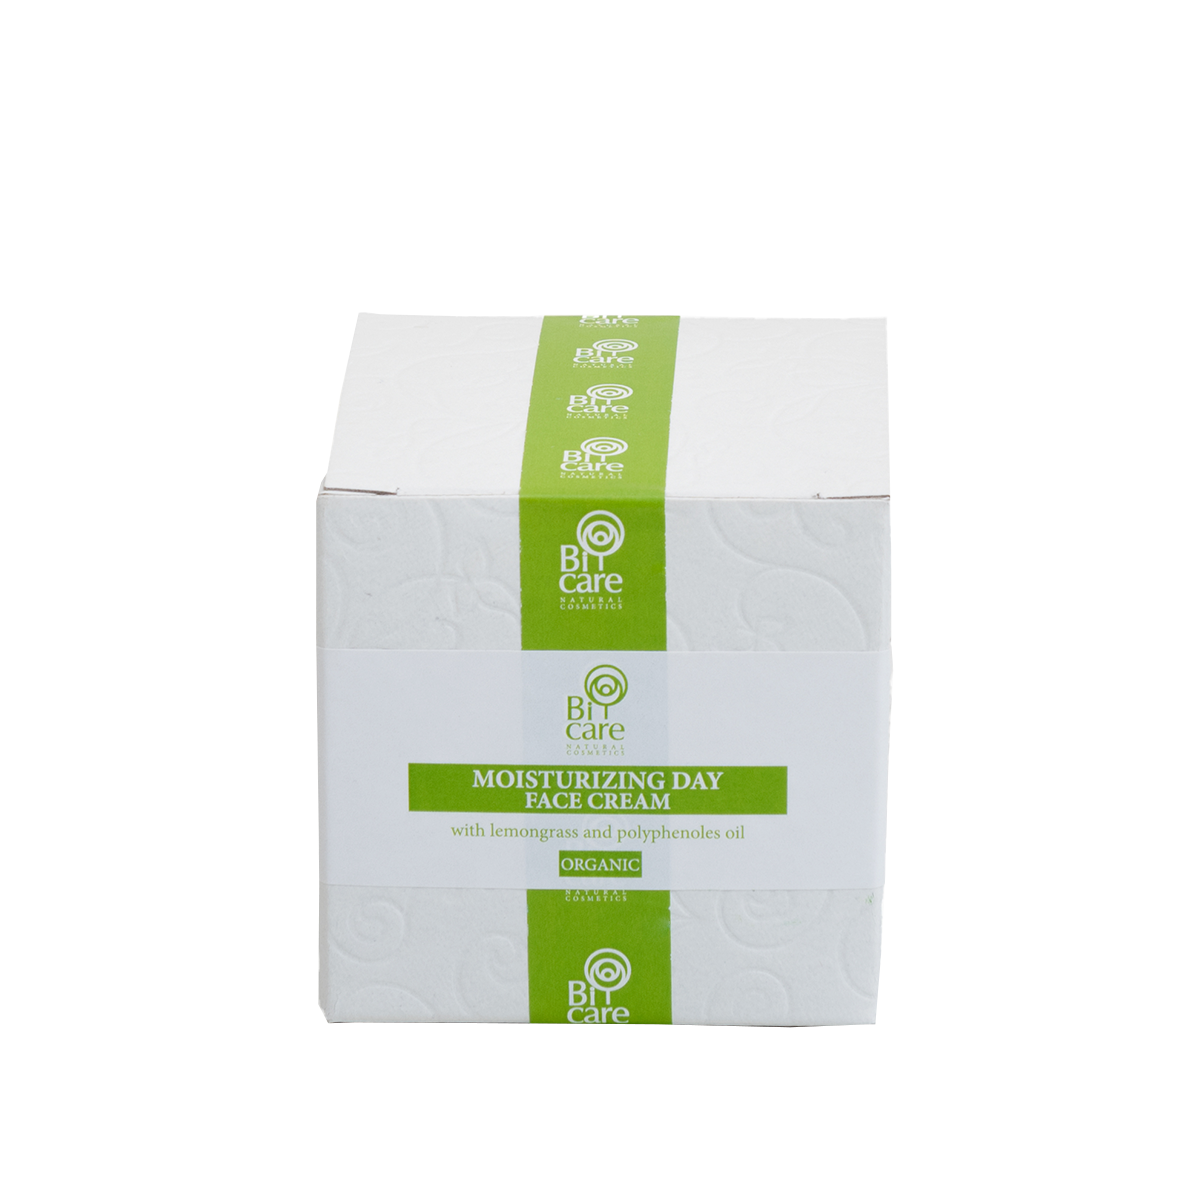 Ενυδατική κρέμα προσώπου | Με πολυφαινόλες ελιάς 50ml | BiCare